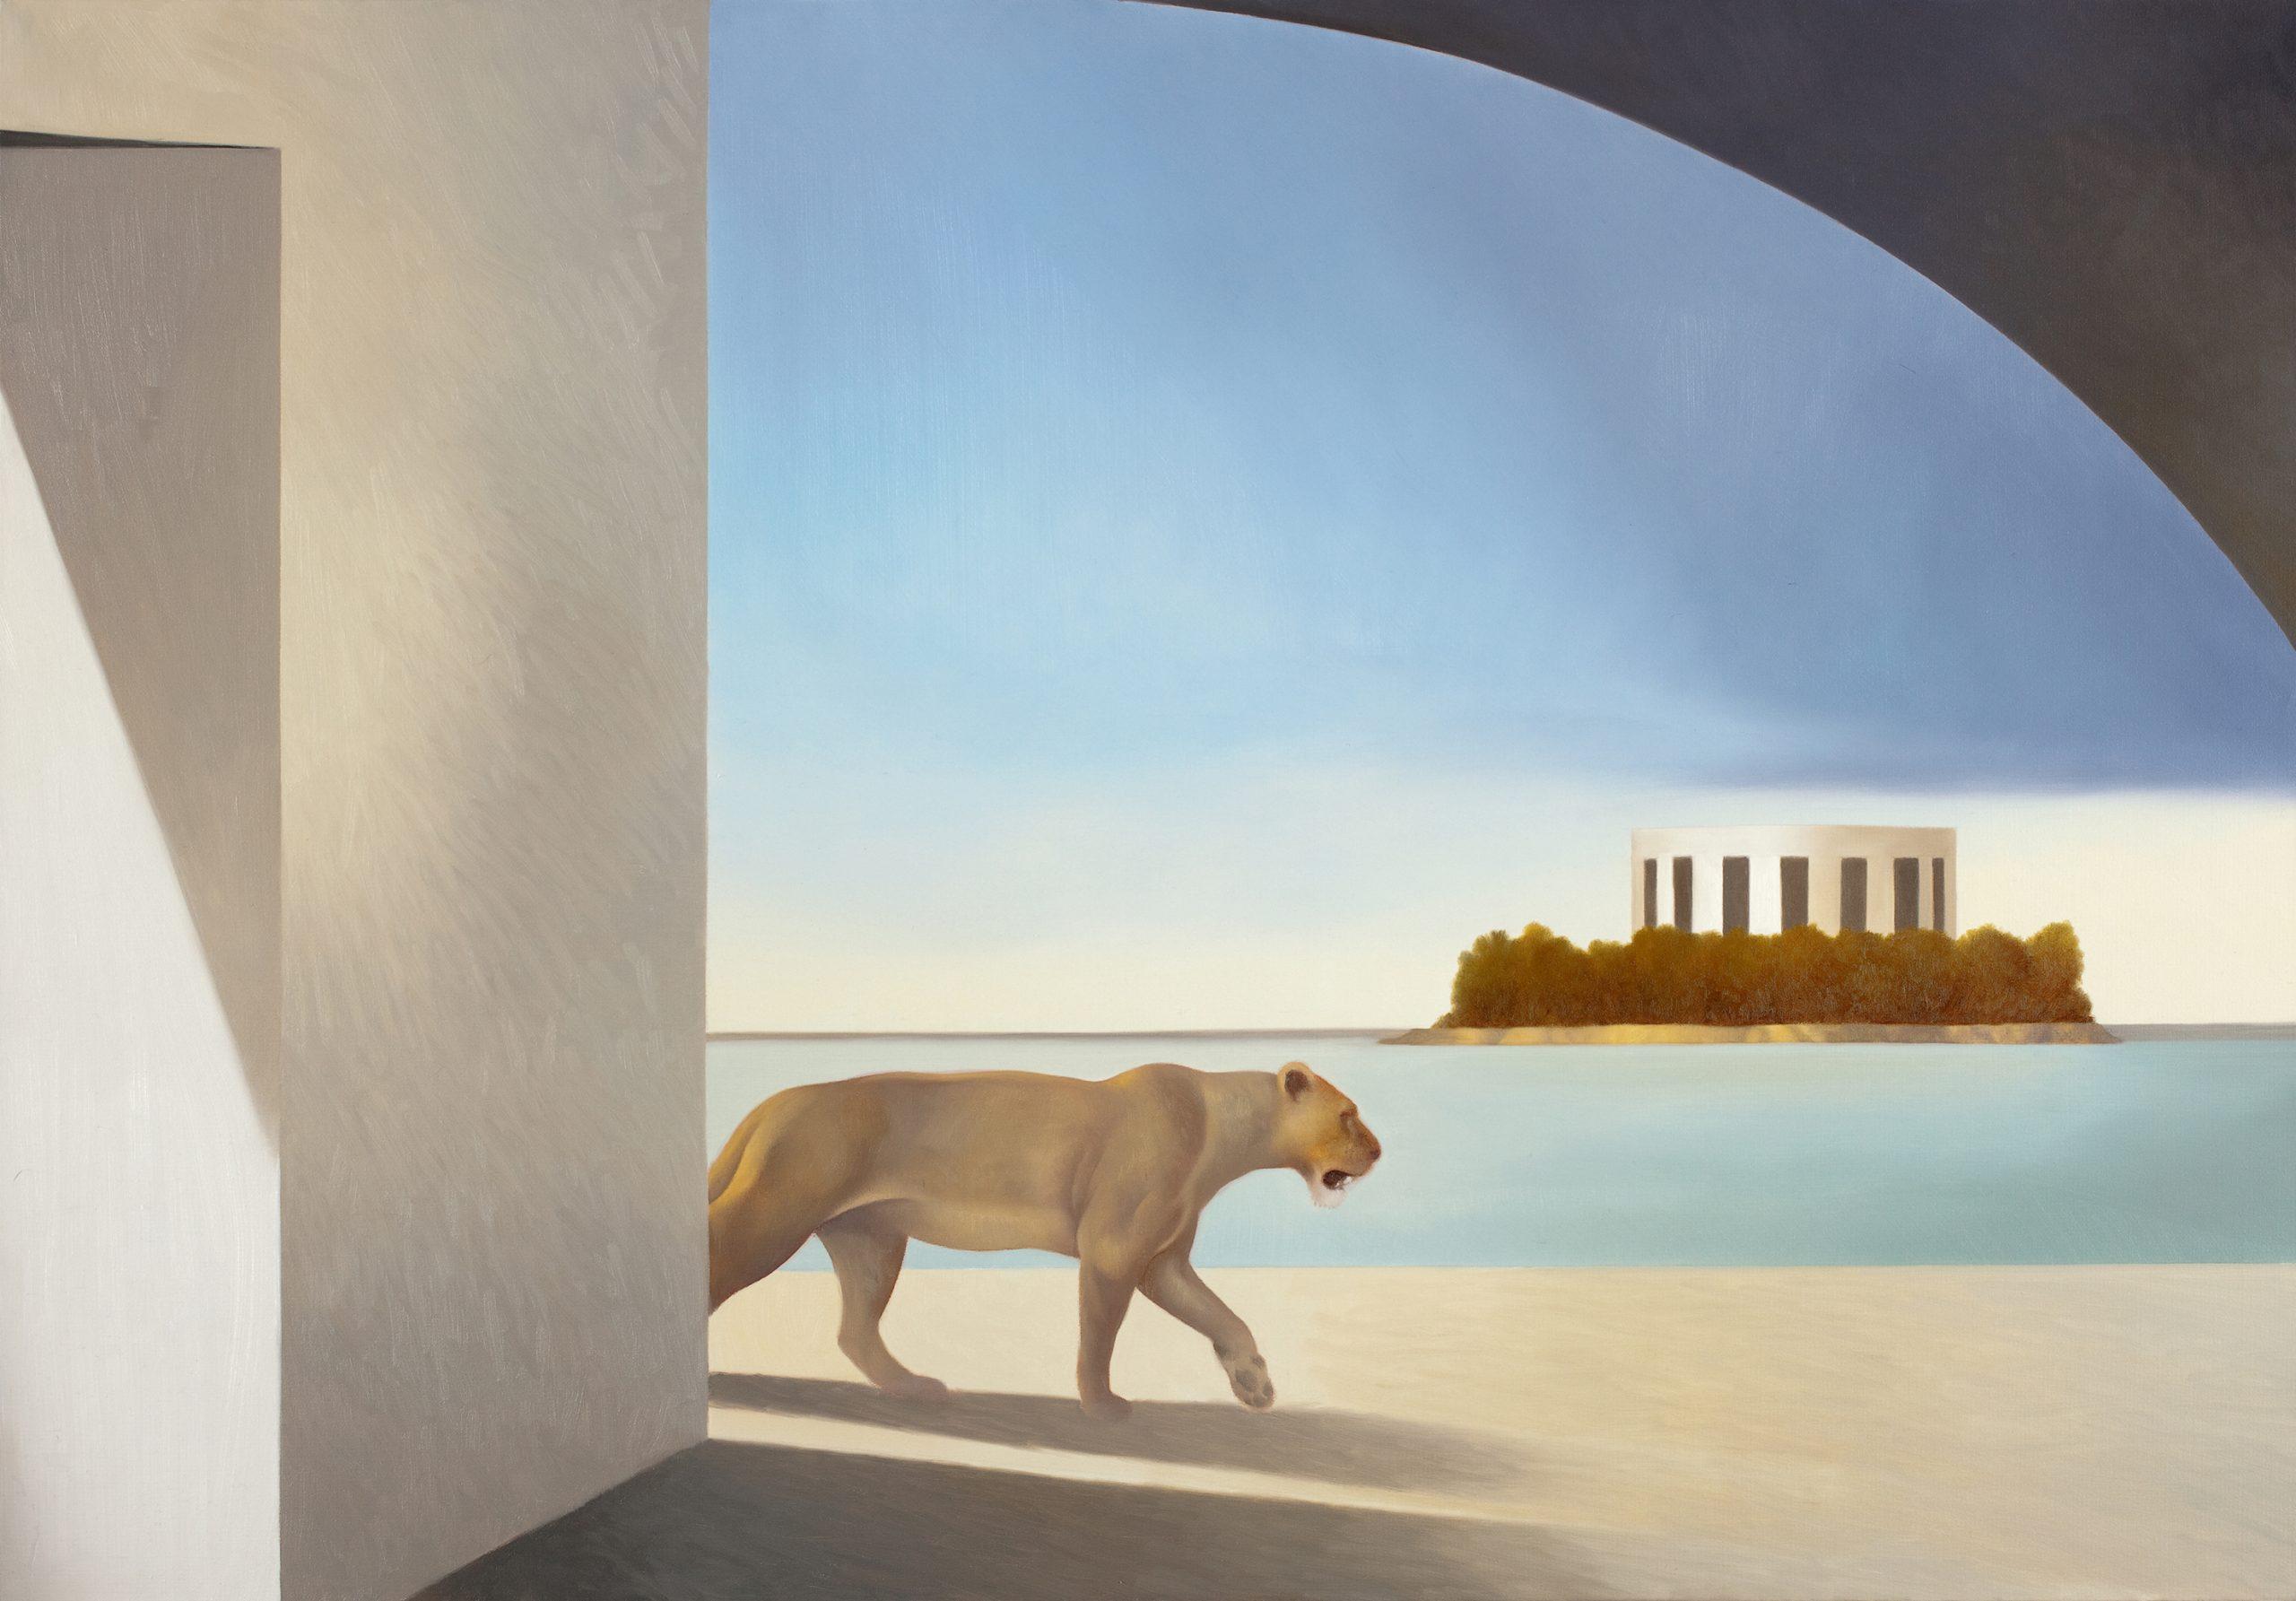 L'isola riservata - Olio su tela, 80x100, 2011